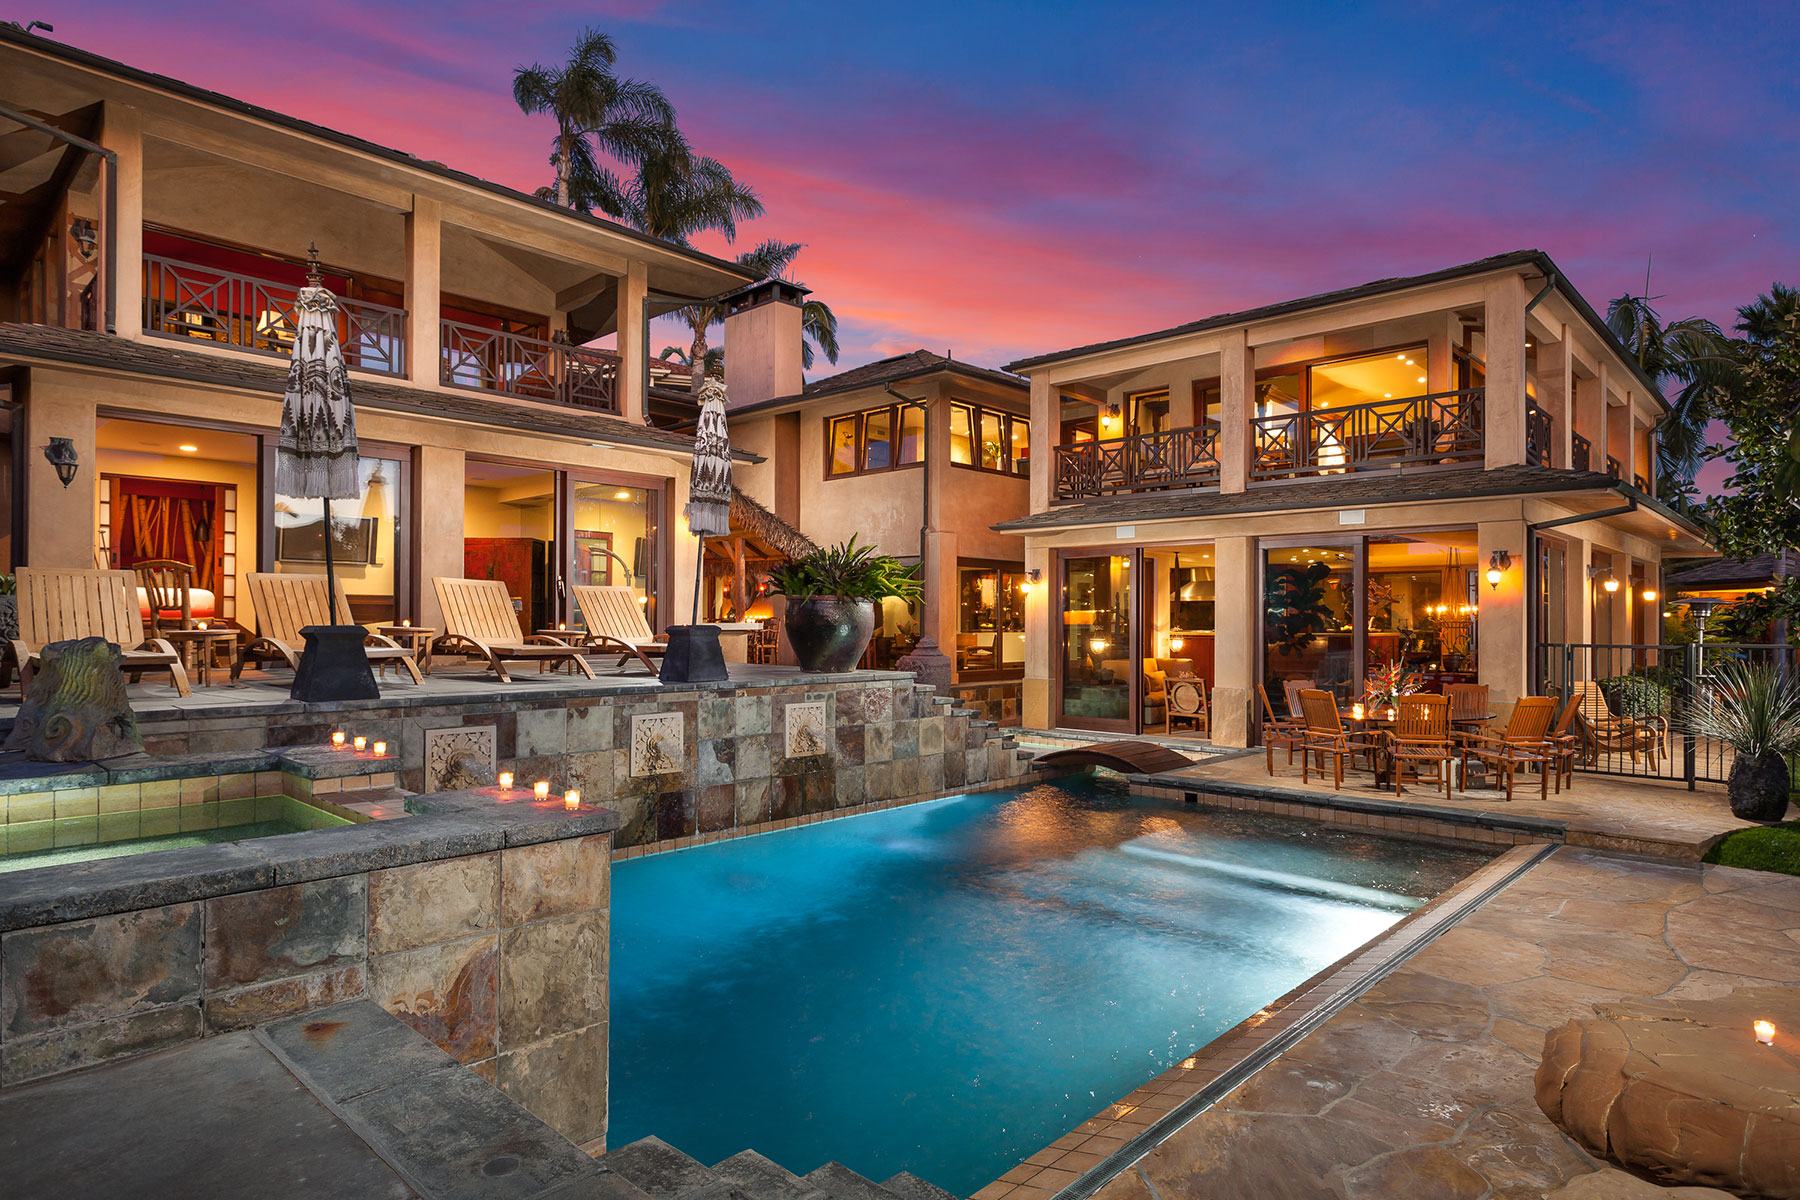 独户住宅 为 销售 在 125 Irvine Cove 拉古纳, 加利福尼亚州, 92651 美国